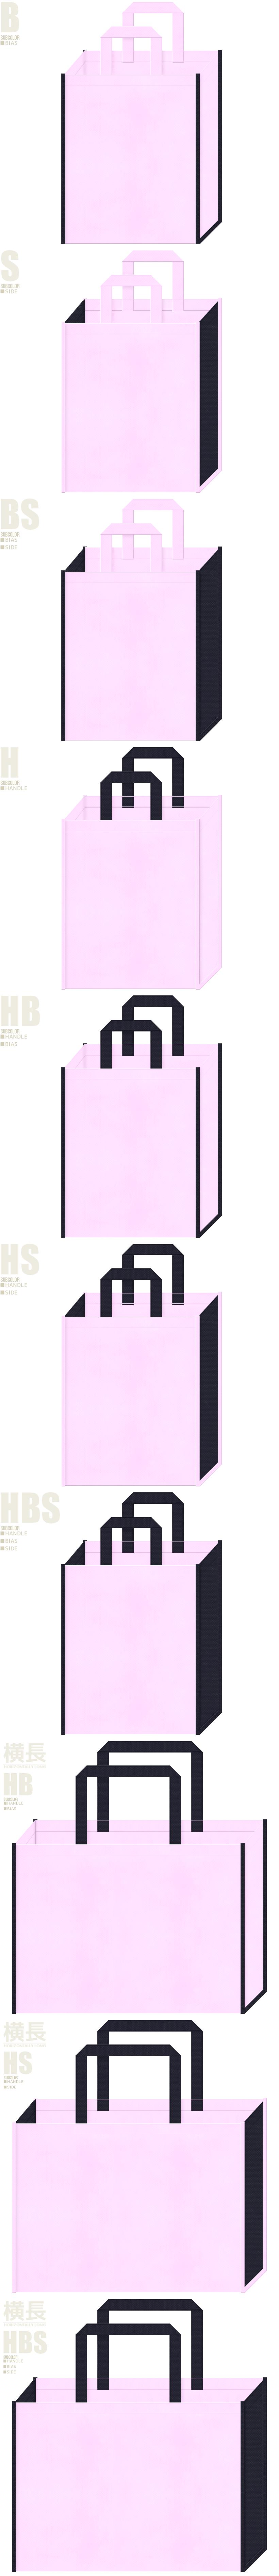 ユニフォーム・運動靴・アウトドア・スポーツイベント・学校・学園・オープンキャンパス・学習塾・レッスンバッグにお奨めの不織布バッグデザイン:パステルピンク色と濃紺色の配色7パターン。